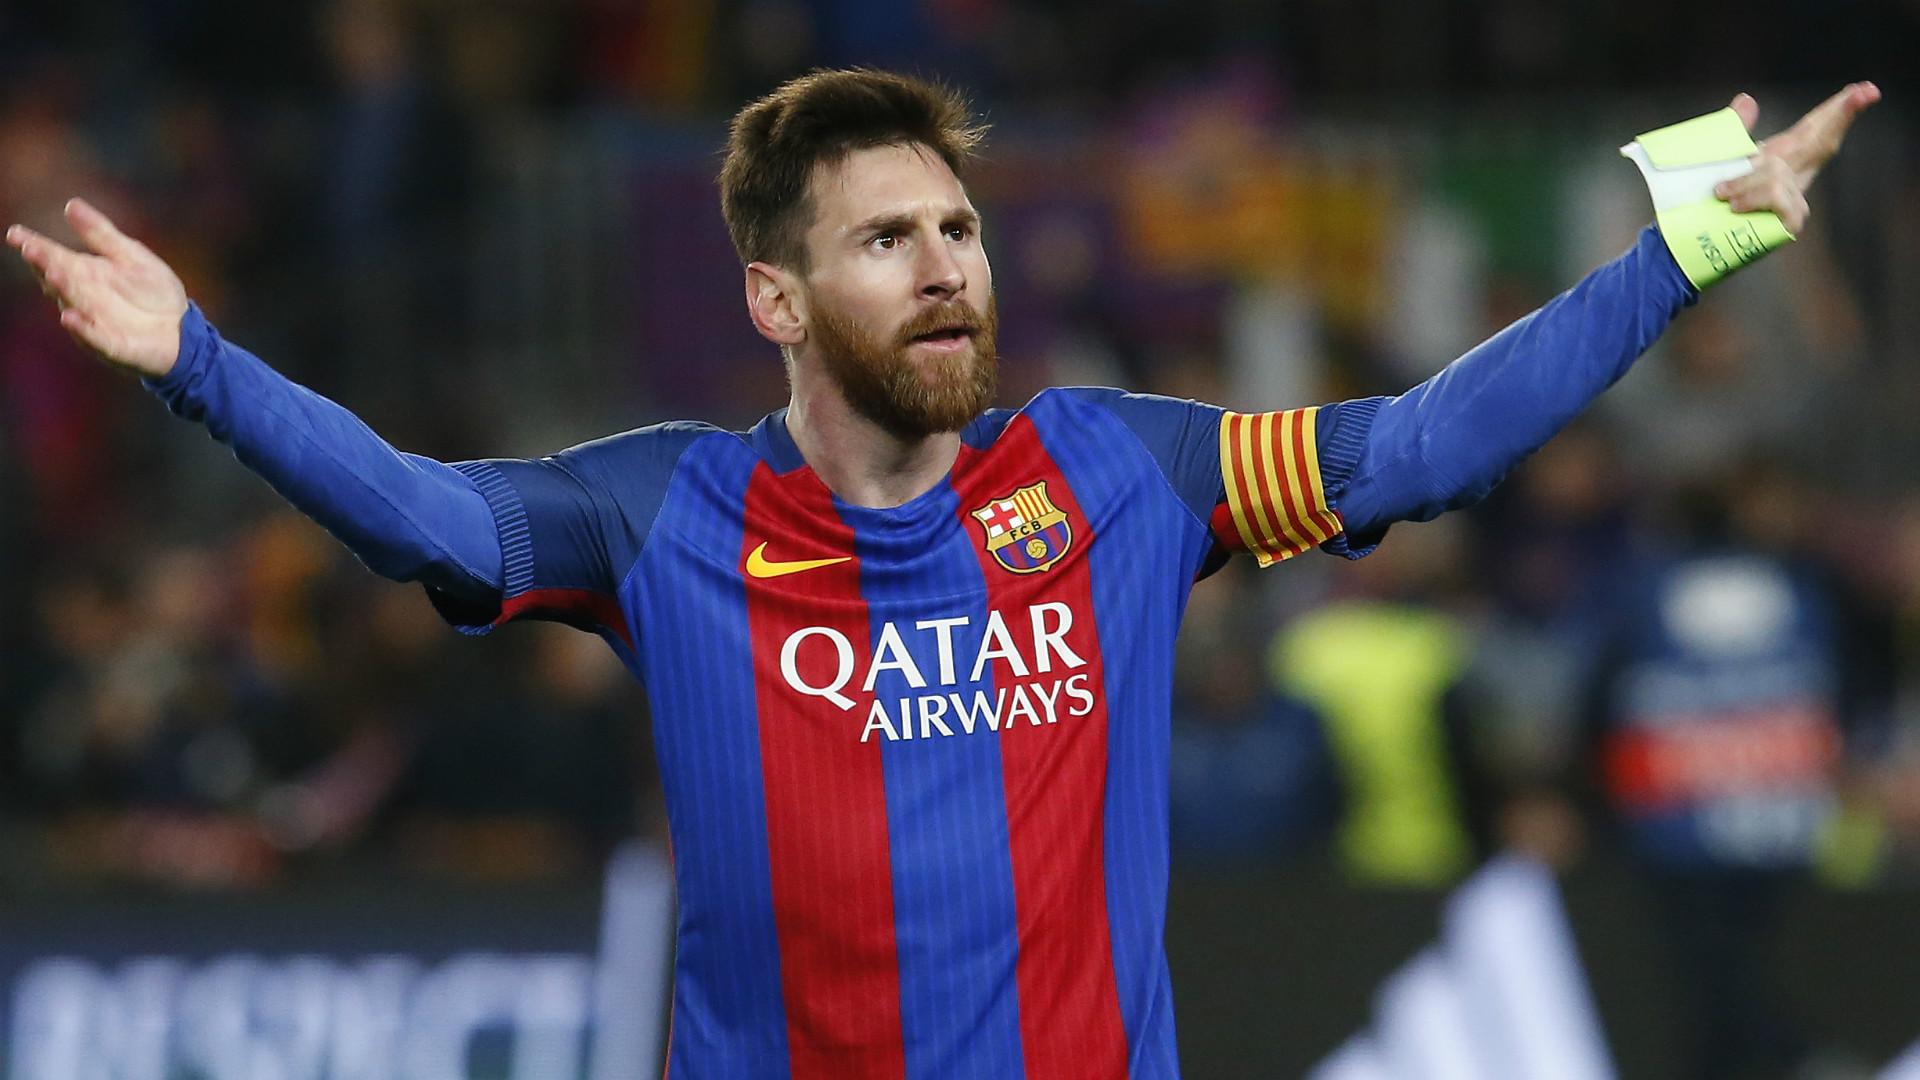 Messi, clamorosa retromarcia: potrebbe restare al Barcellona insieme a Suarez